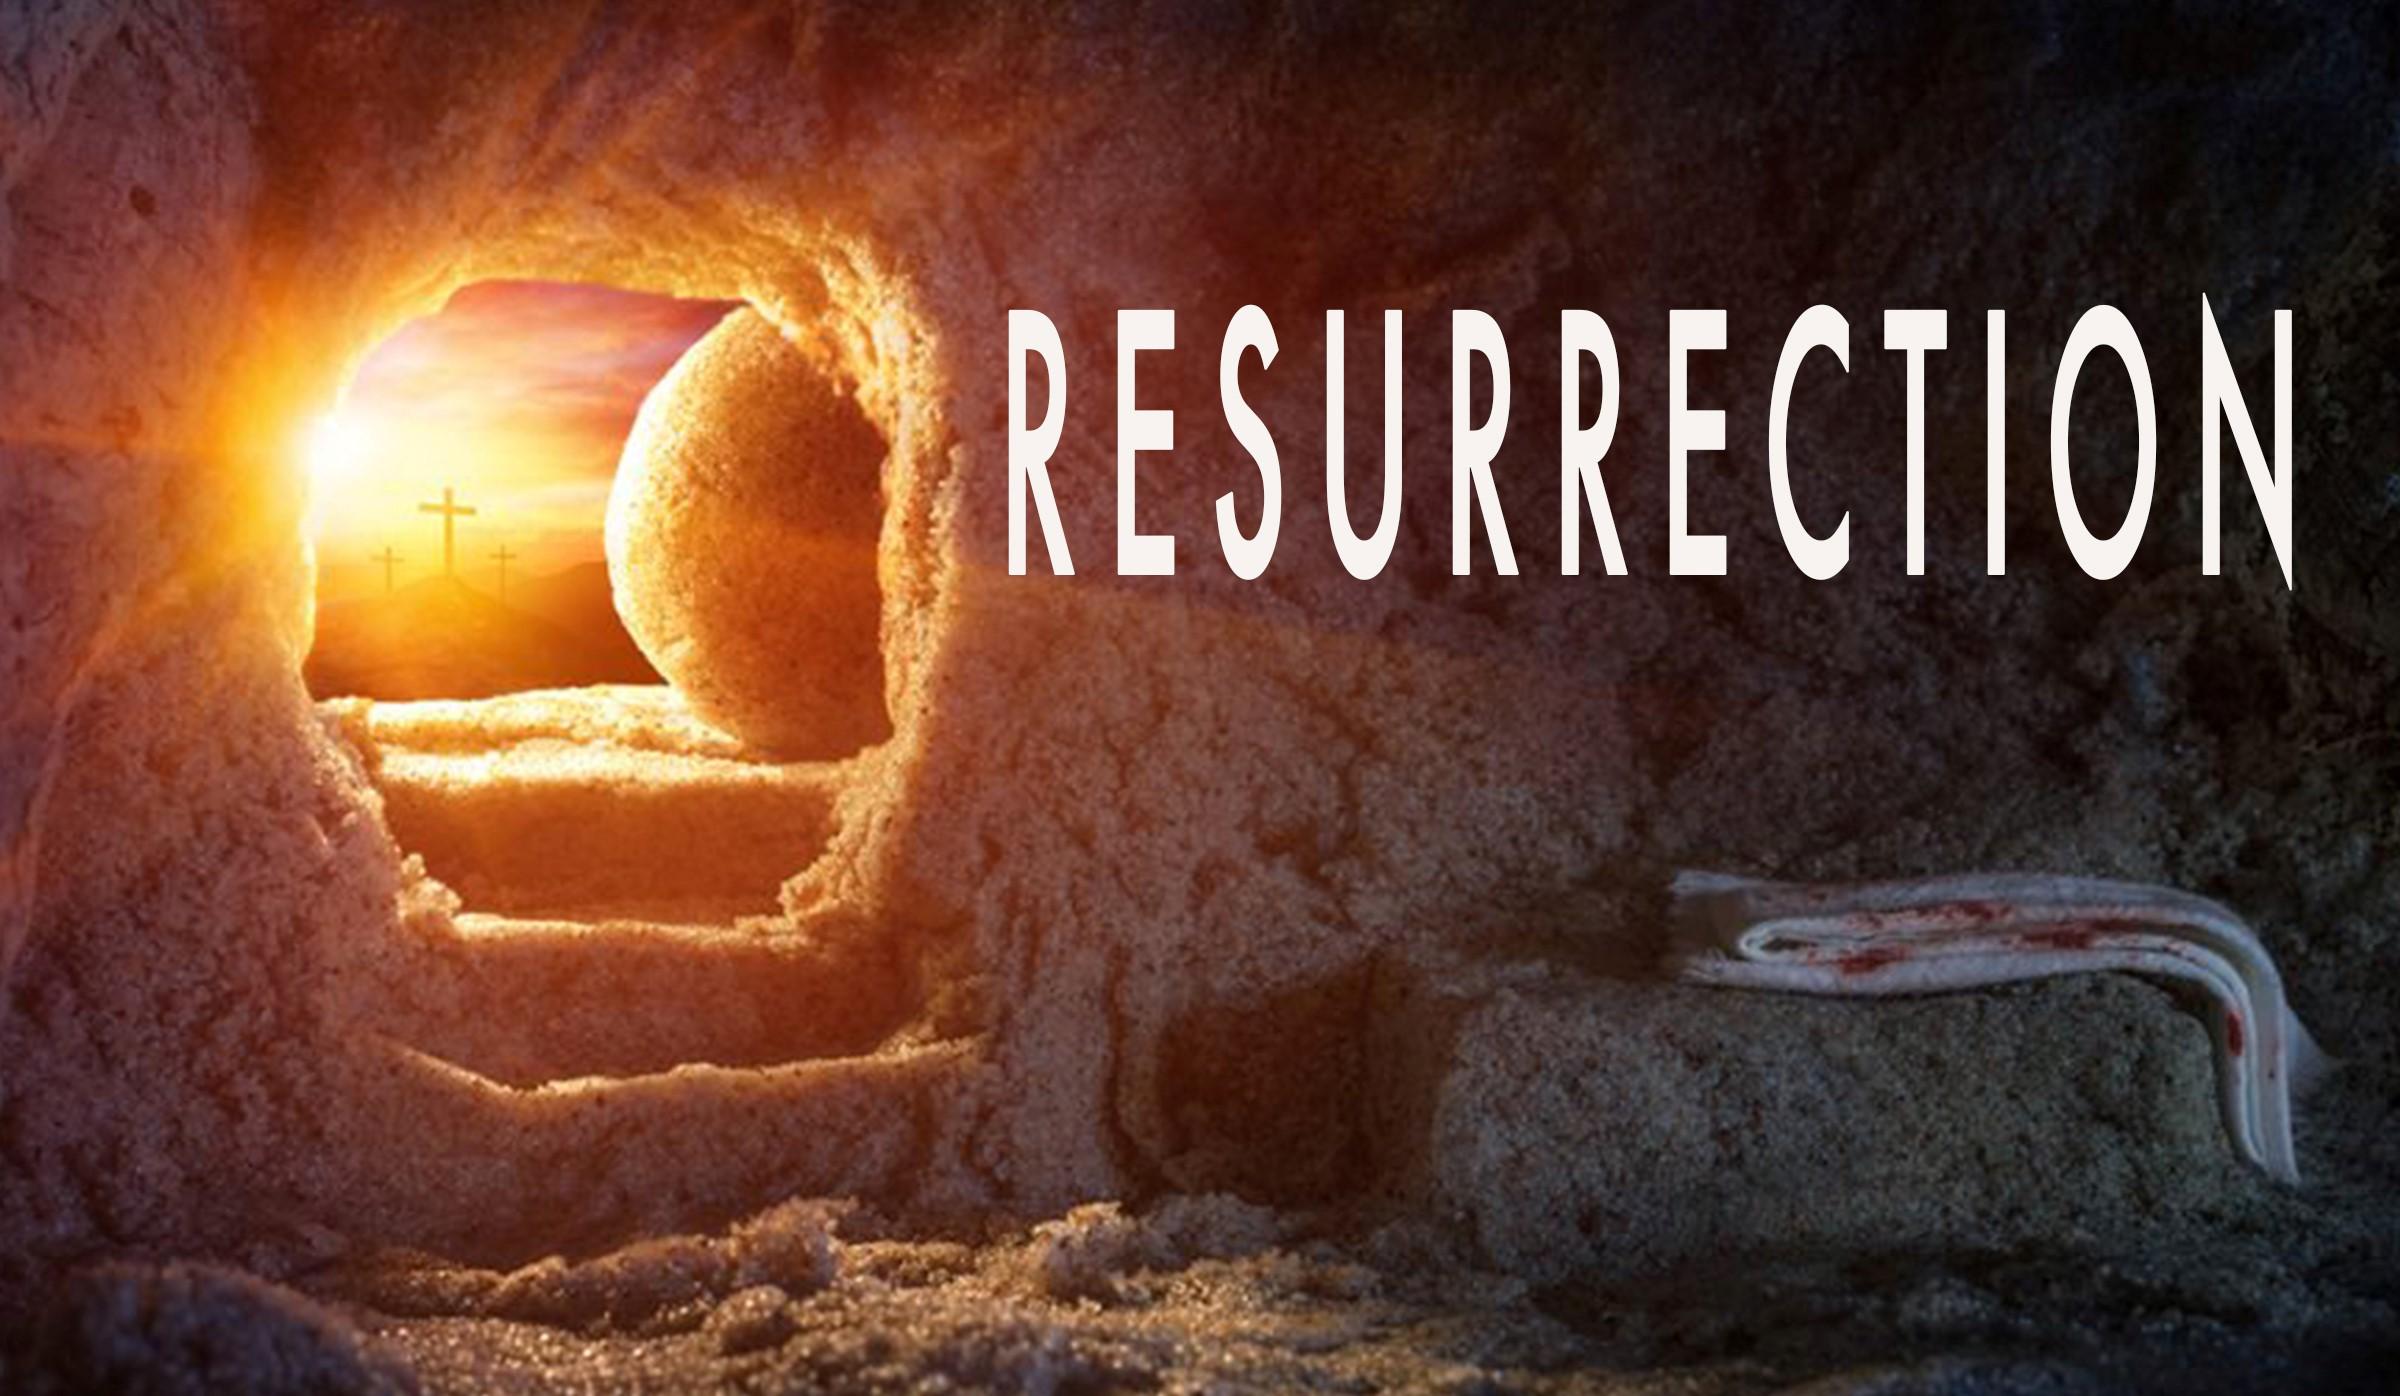 Resurrection Category - St Shenouda Press